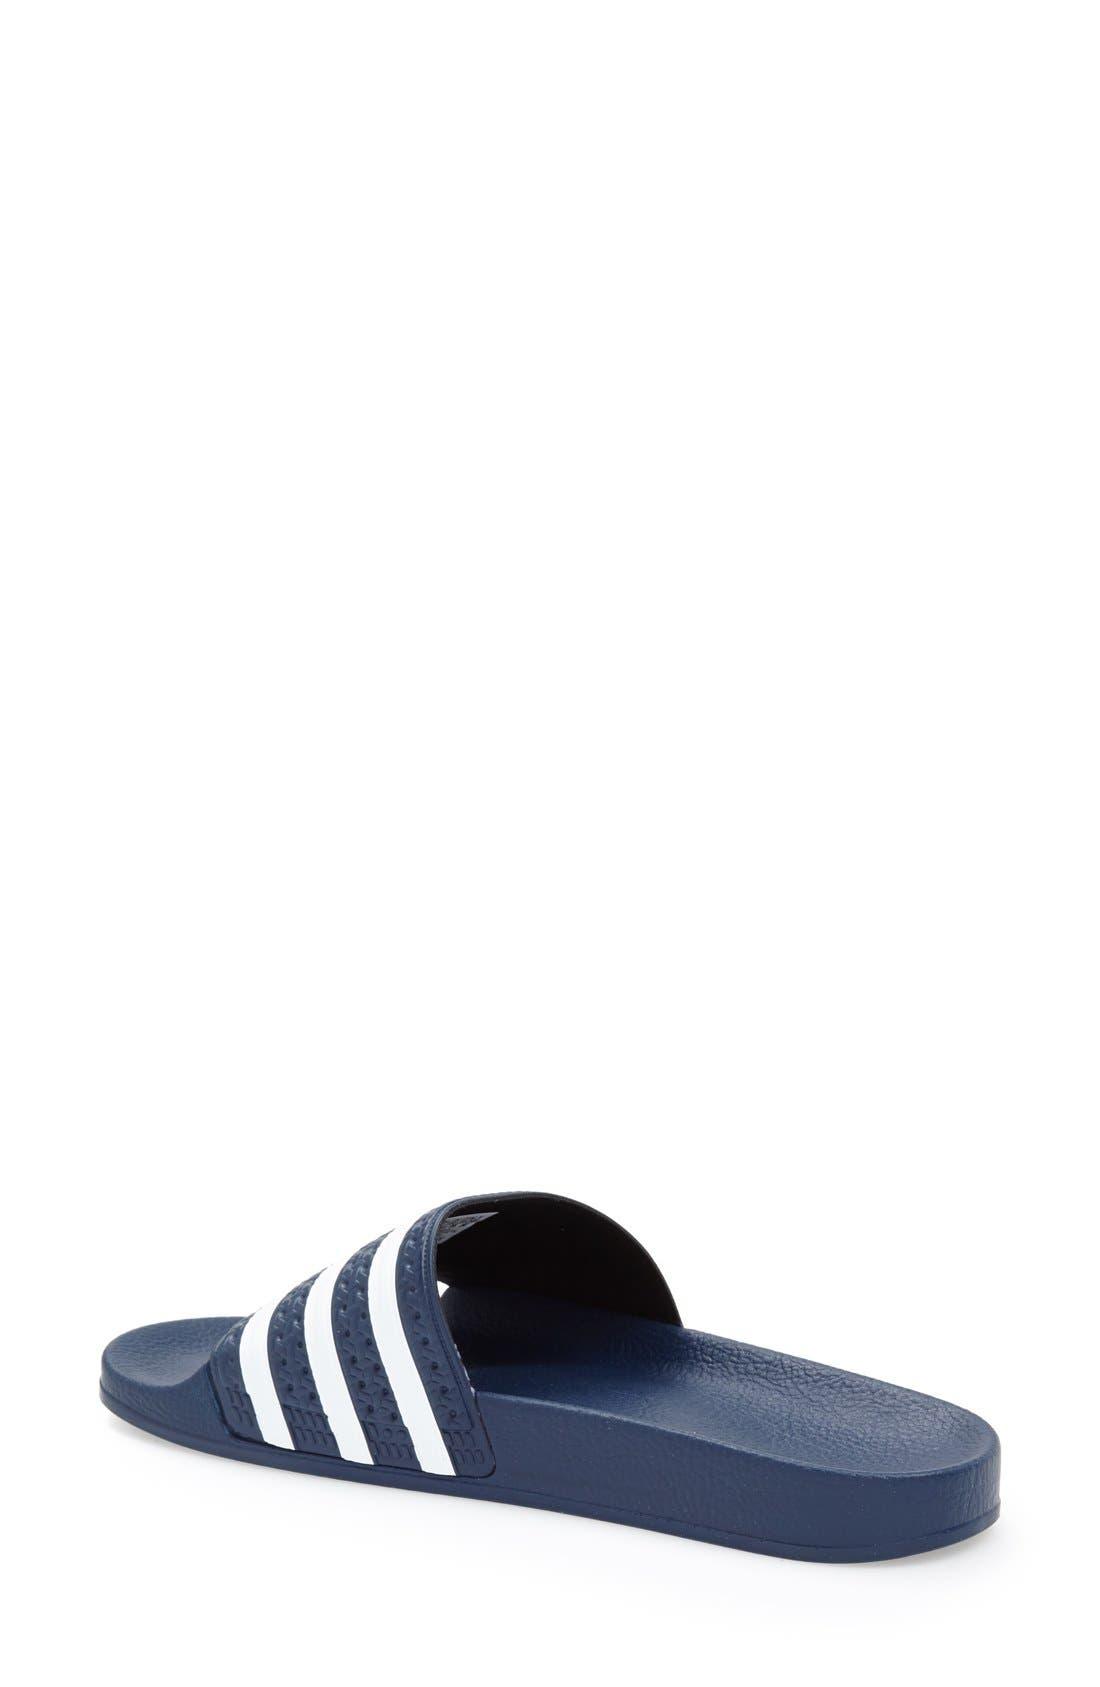 'Adilette' Slide Sandal,                             Alternate thumbnail 2, color,                             New Navy/ White